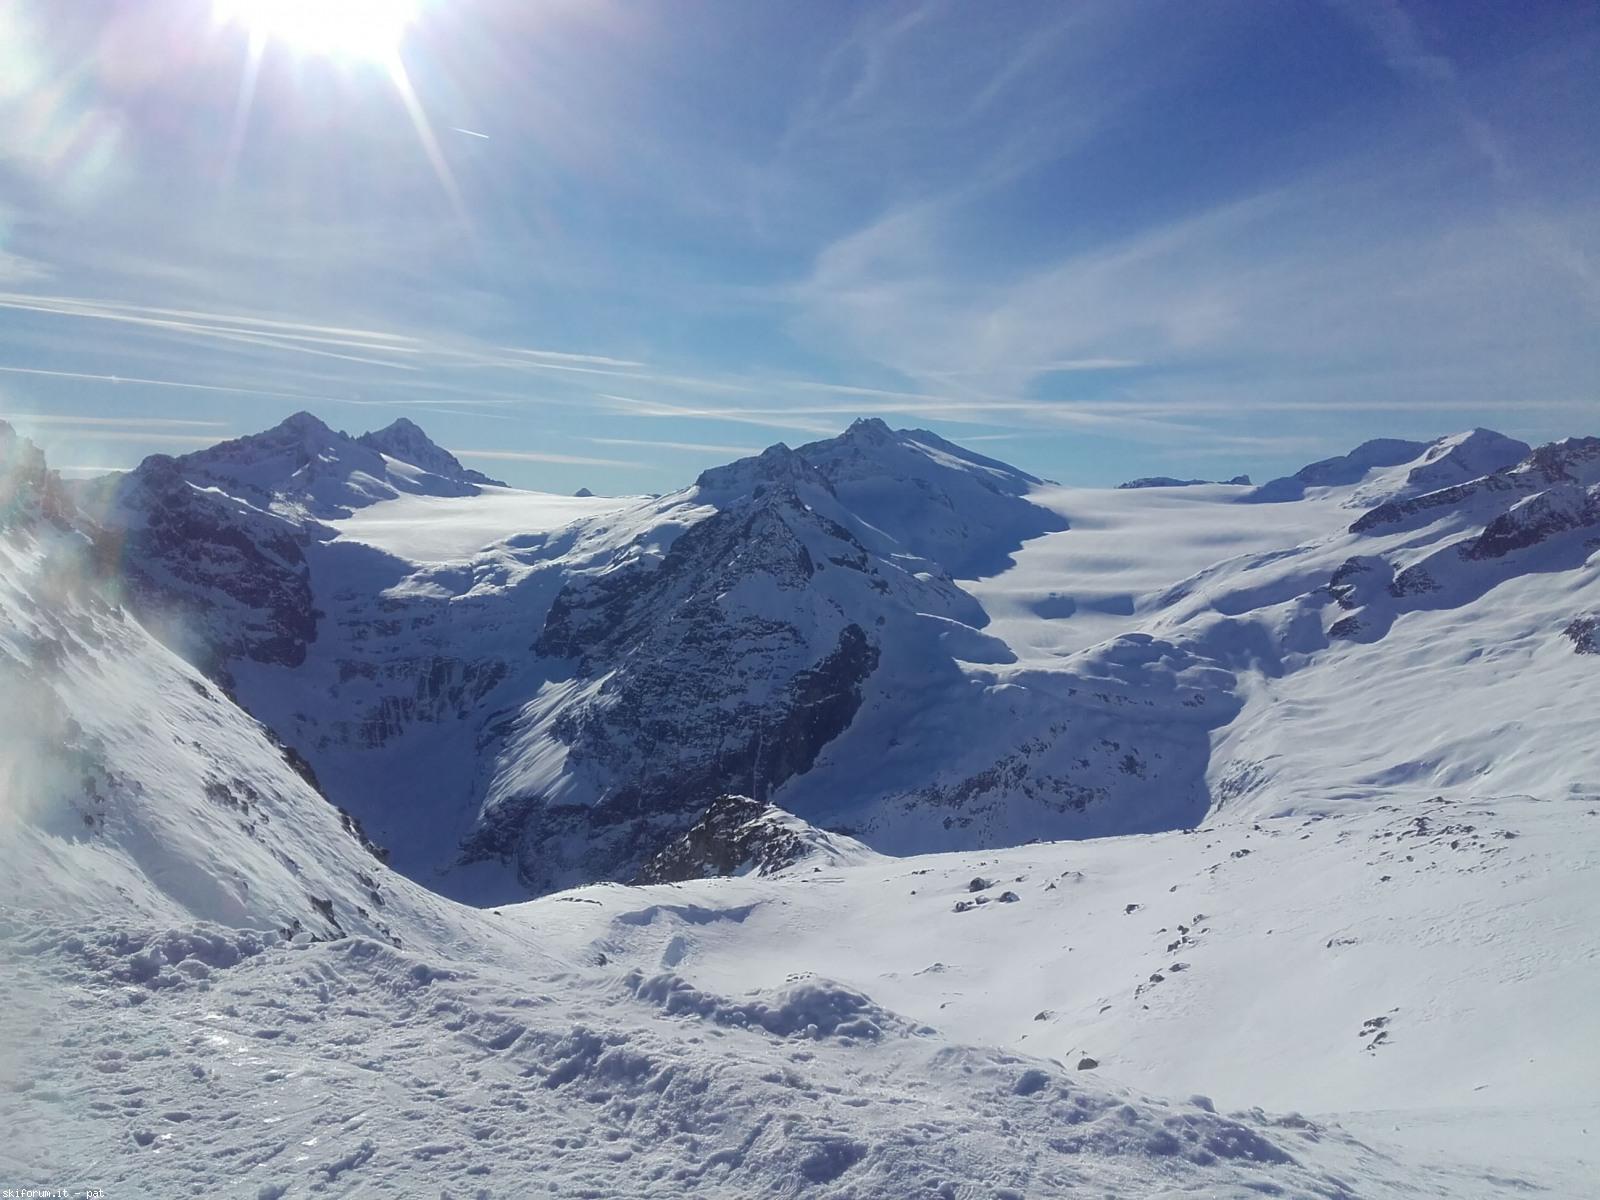 https://www.skiforum.it/skiforum/upload/resort/261670-img-20...